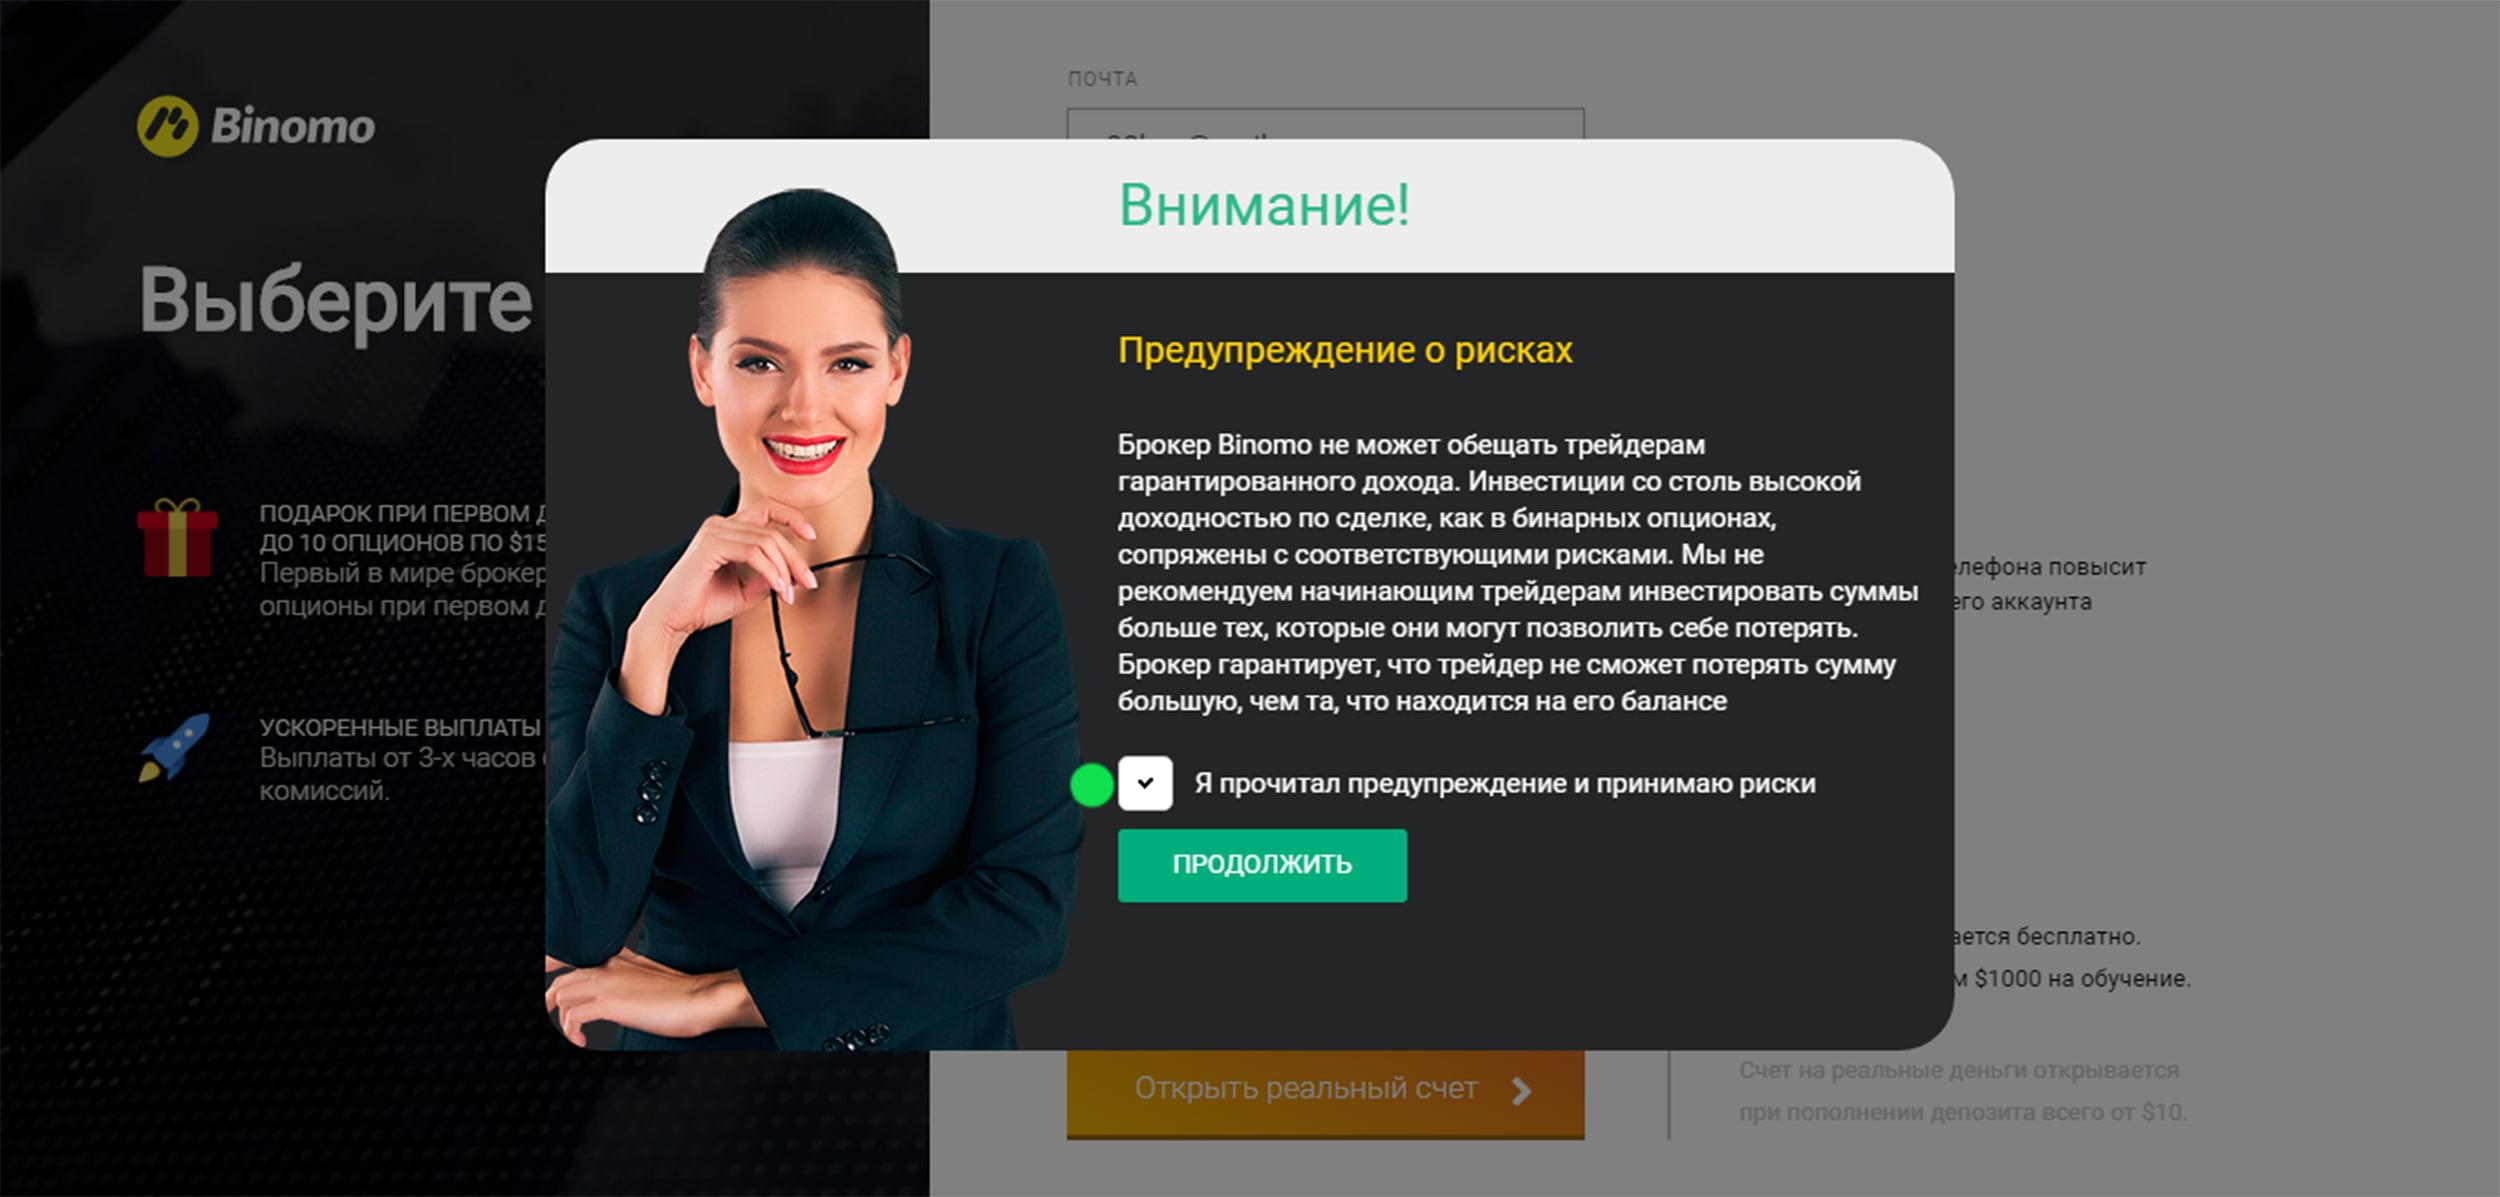 Предупреждение о рисках на платформе Binomo